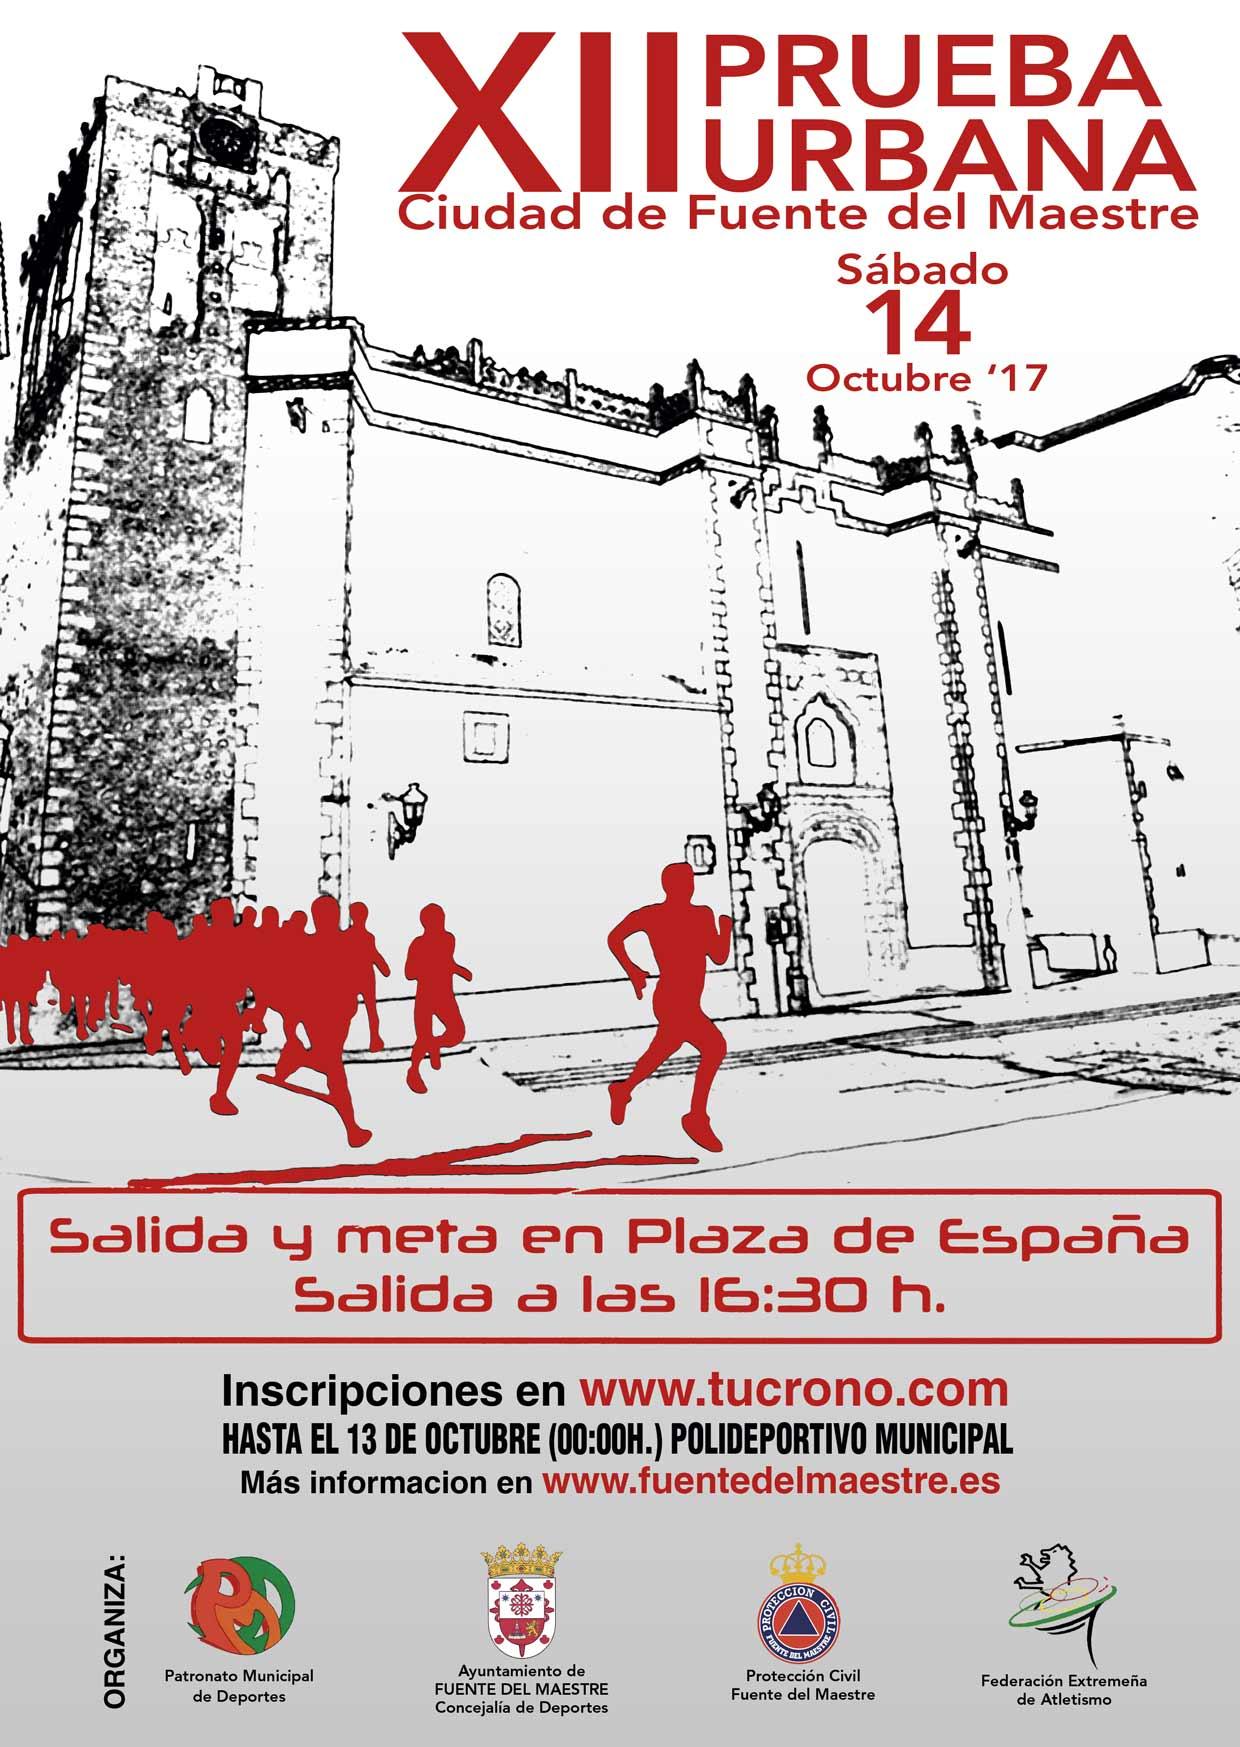 El Sabado 14 De Octubre Se Celebra La Xii Prueba Urbana Ciudad De Fuente Del Maestre Radio Hornachos